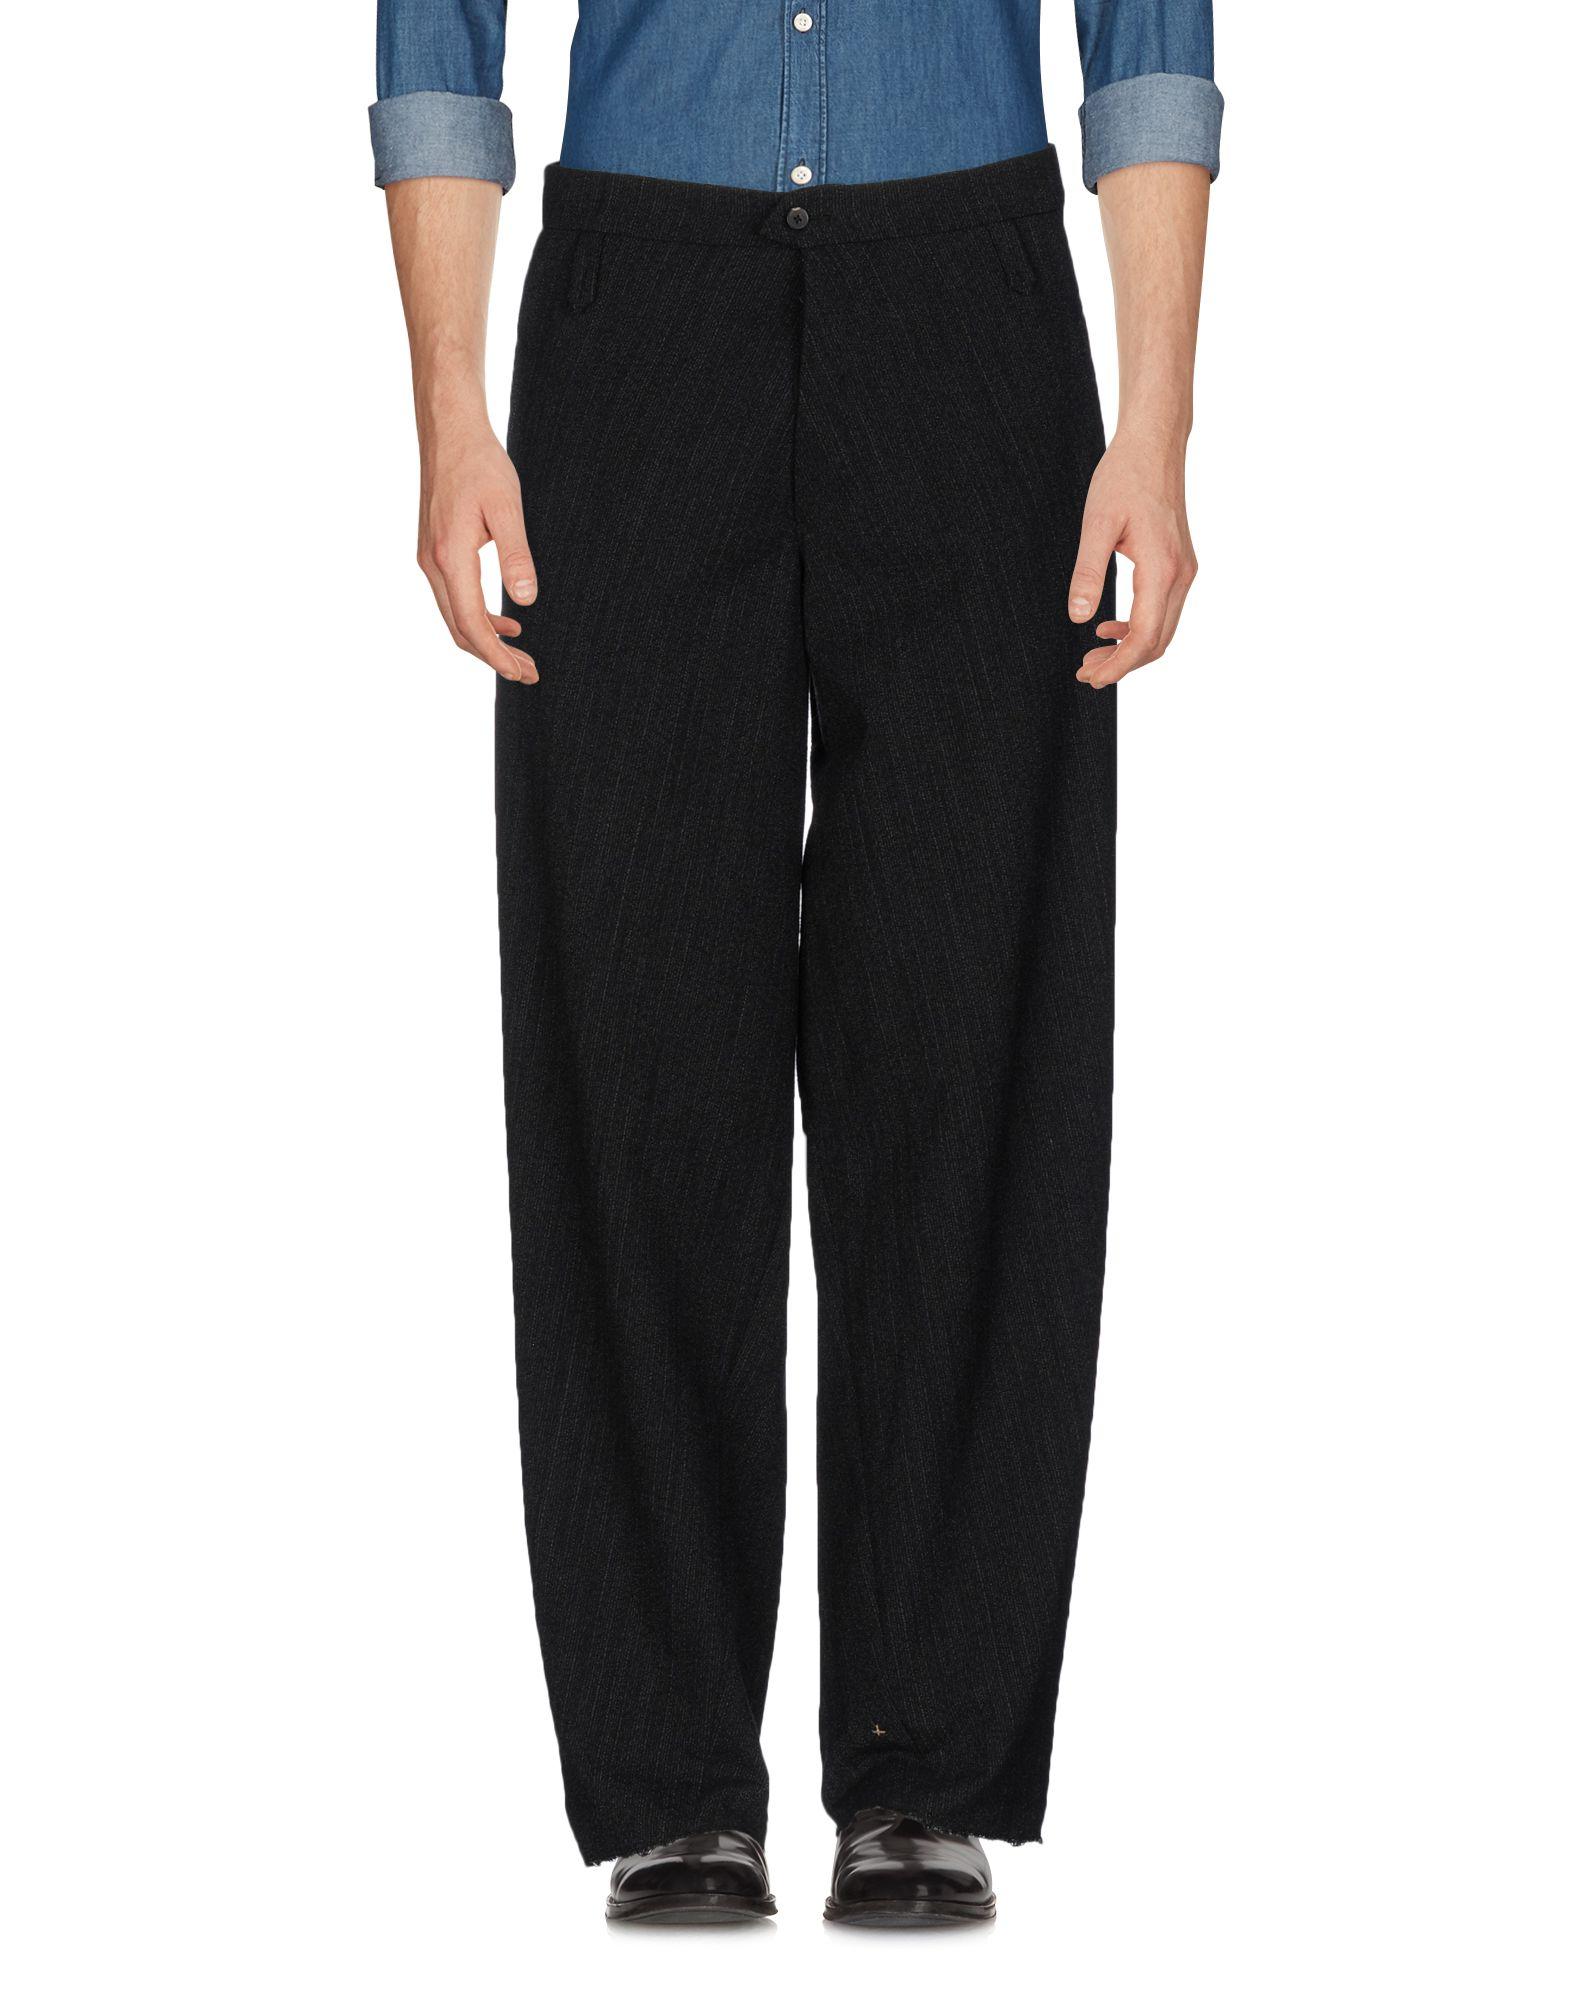 Pantalone M.A+ Uomo - Acquista online su